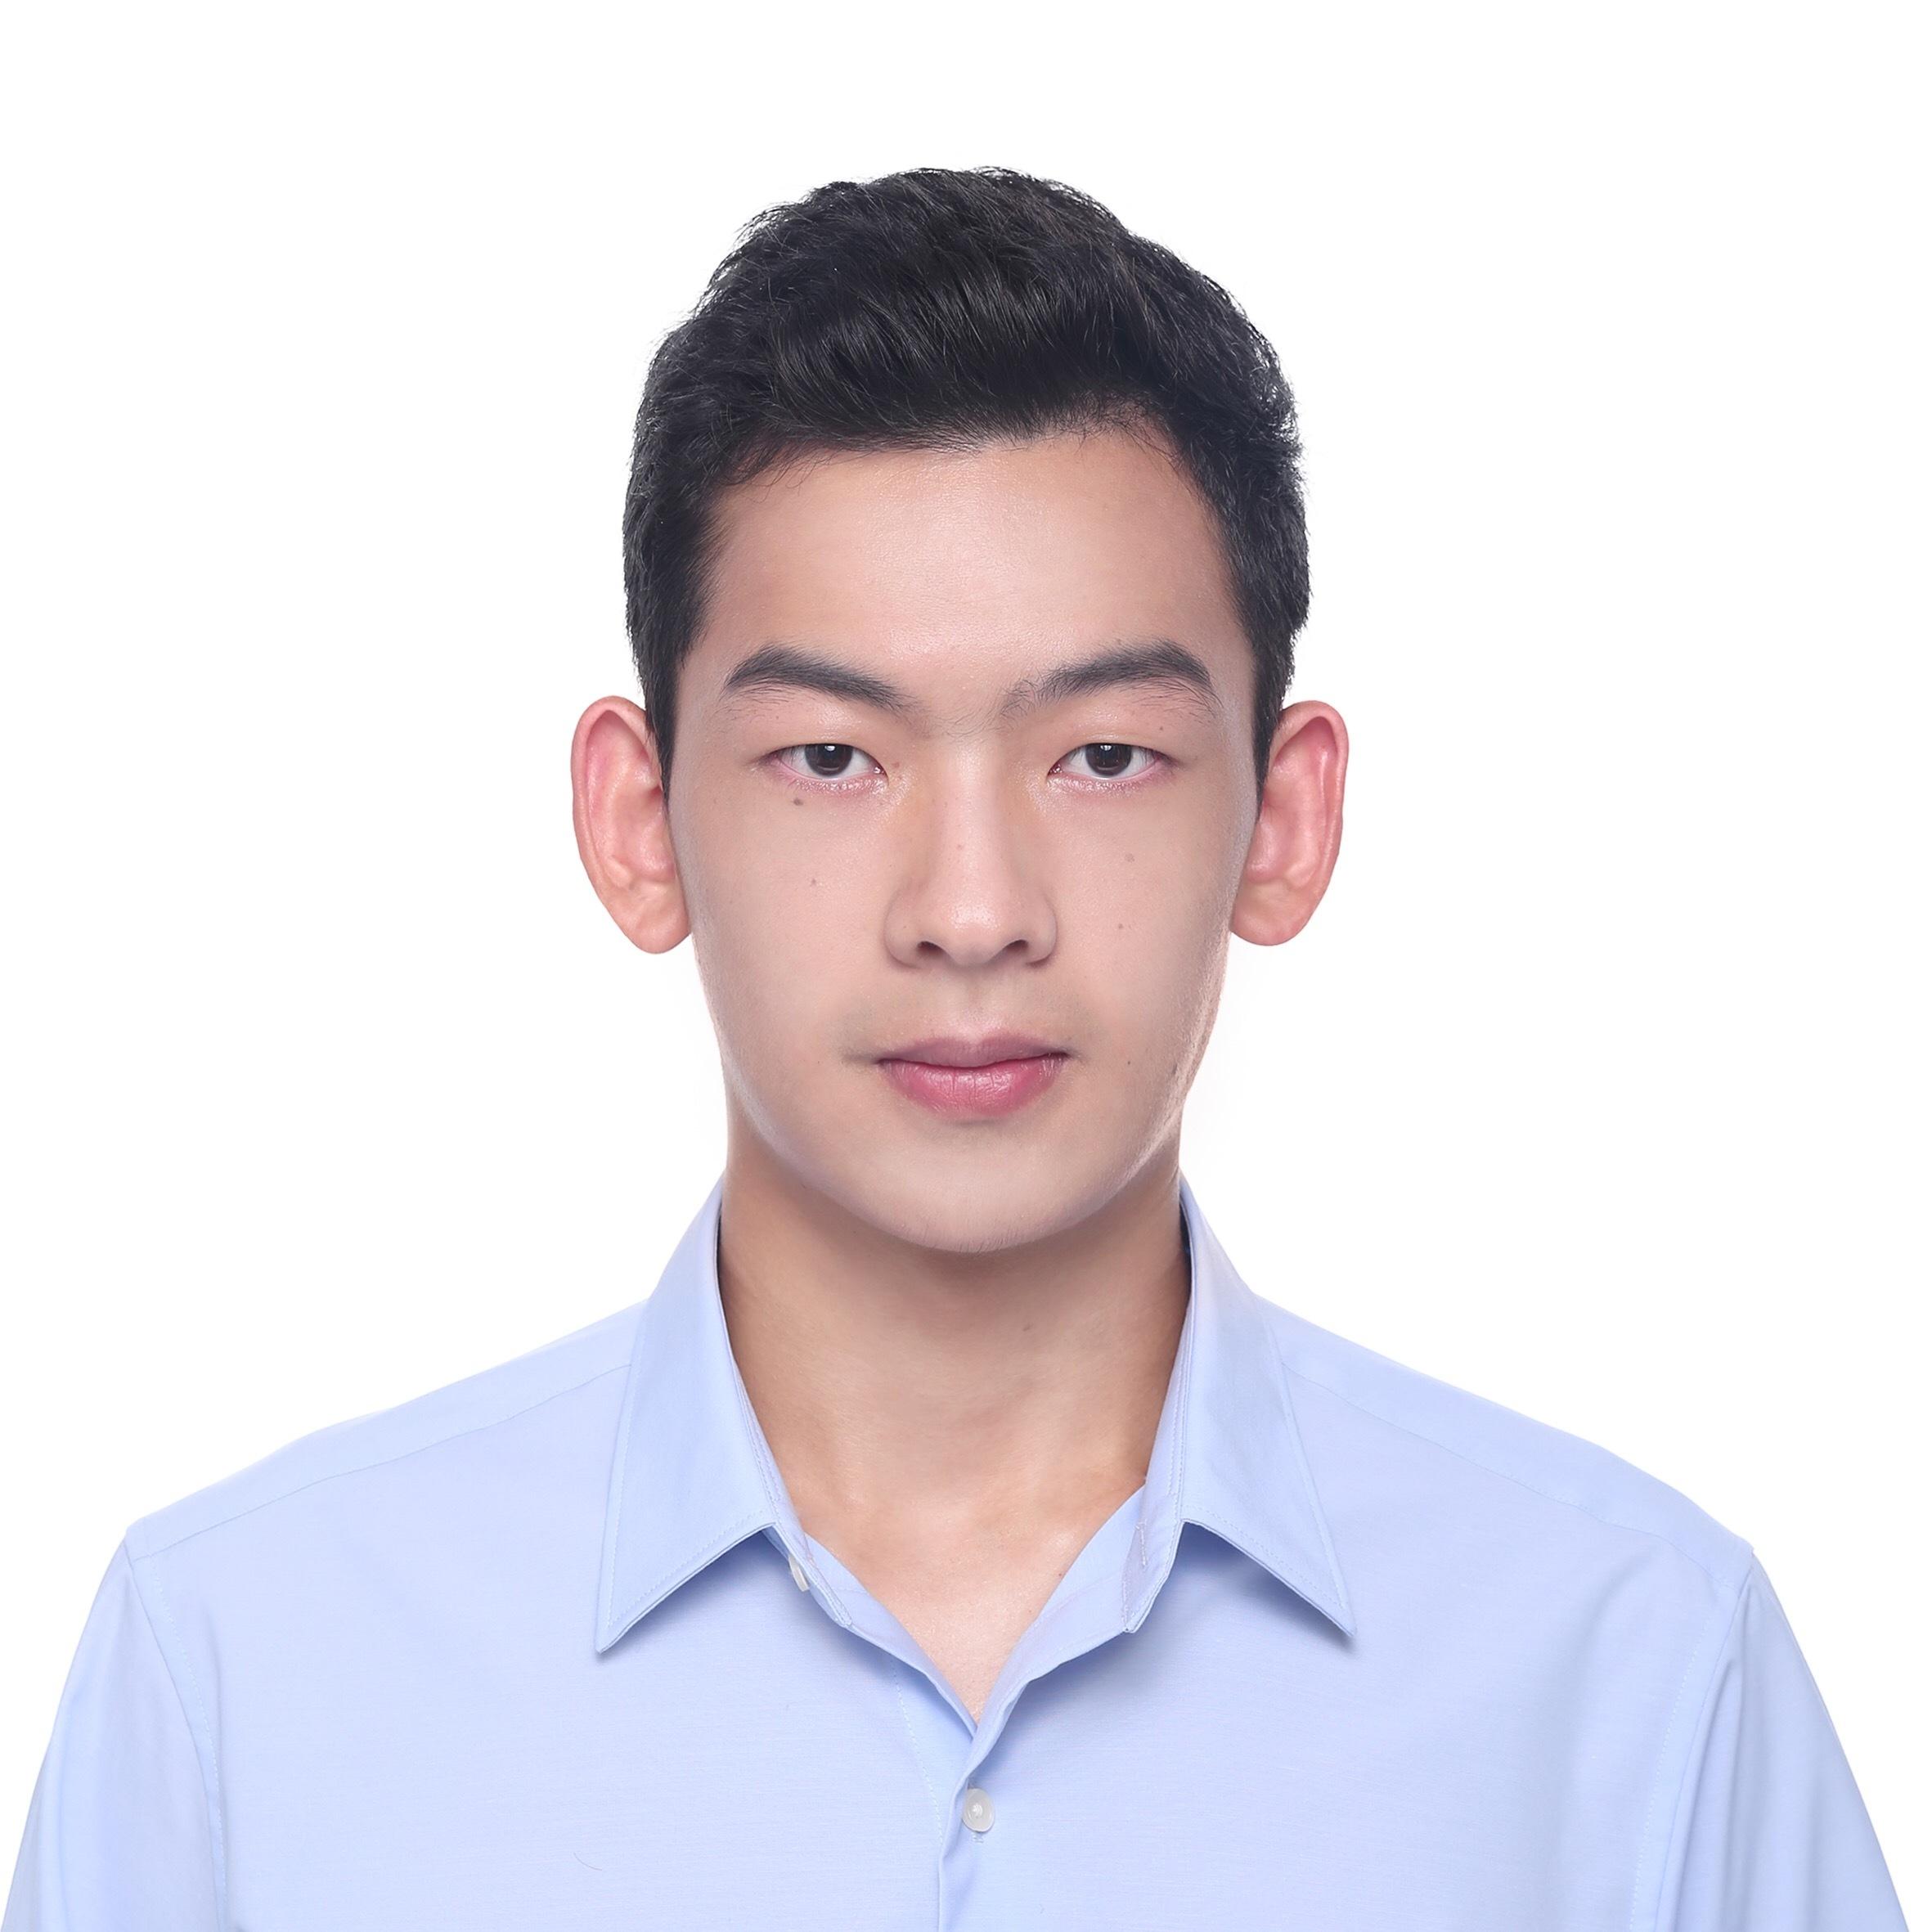 上海家教鮑老師